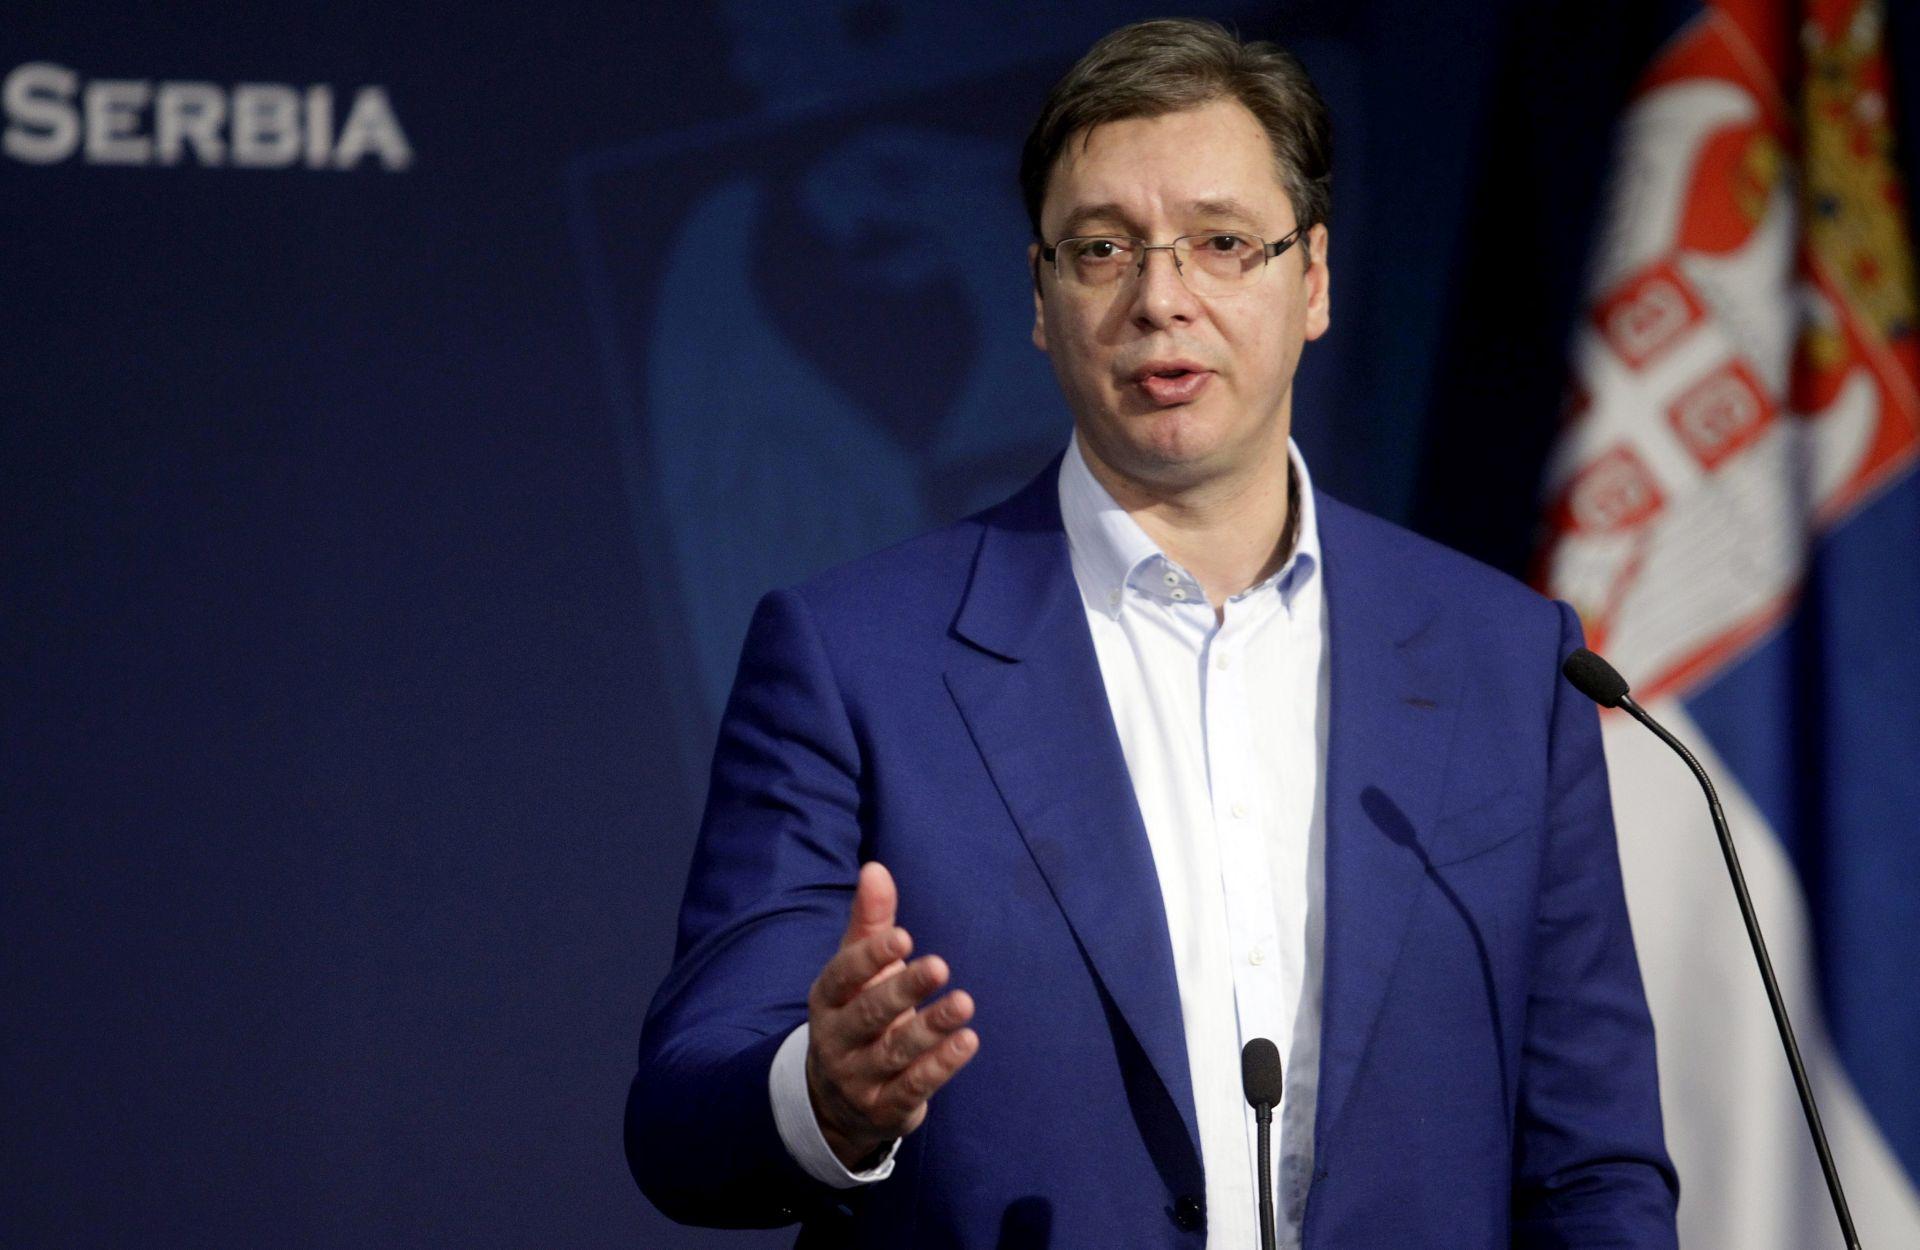 Vučić po povratku u Srbiju: Čuvat ćemo mir i stabilnost